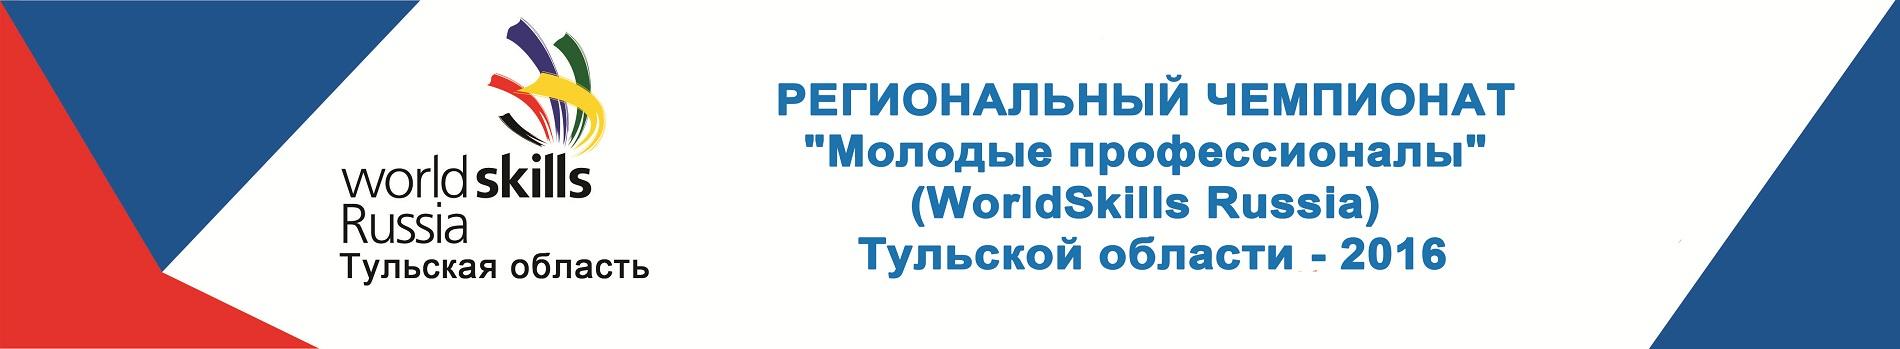 worldskills1